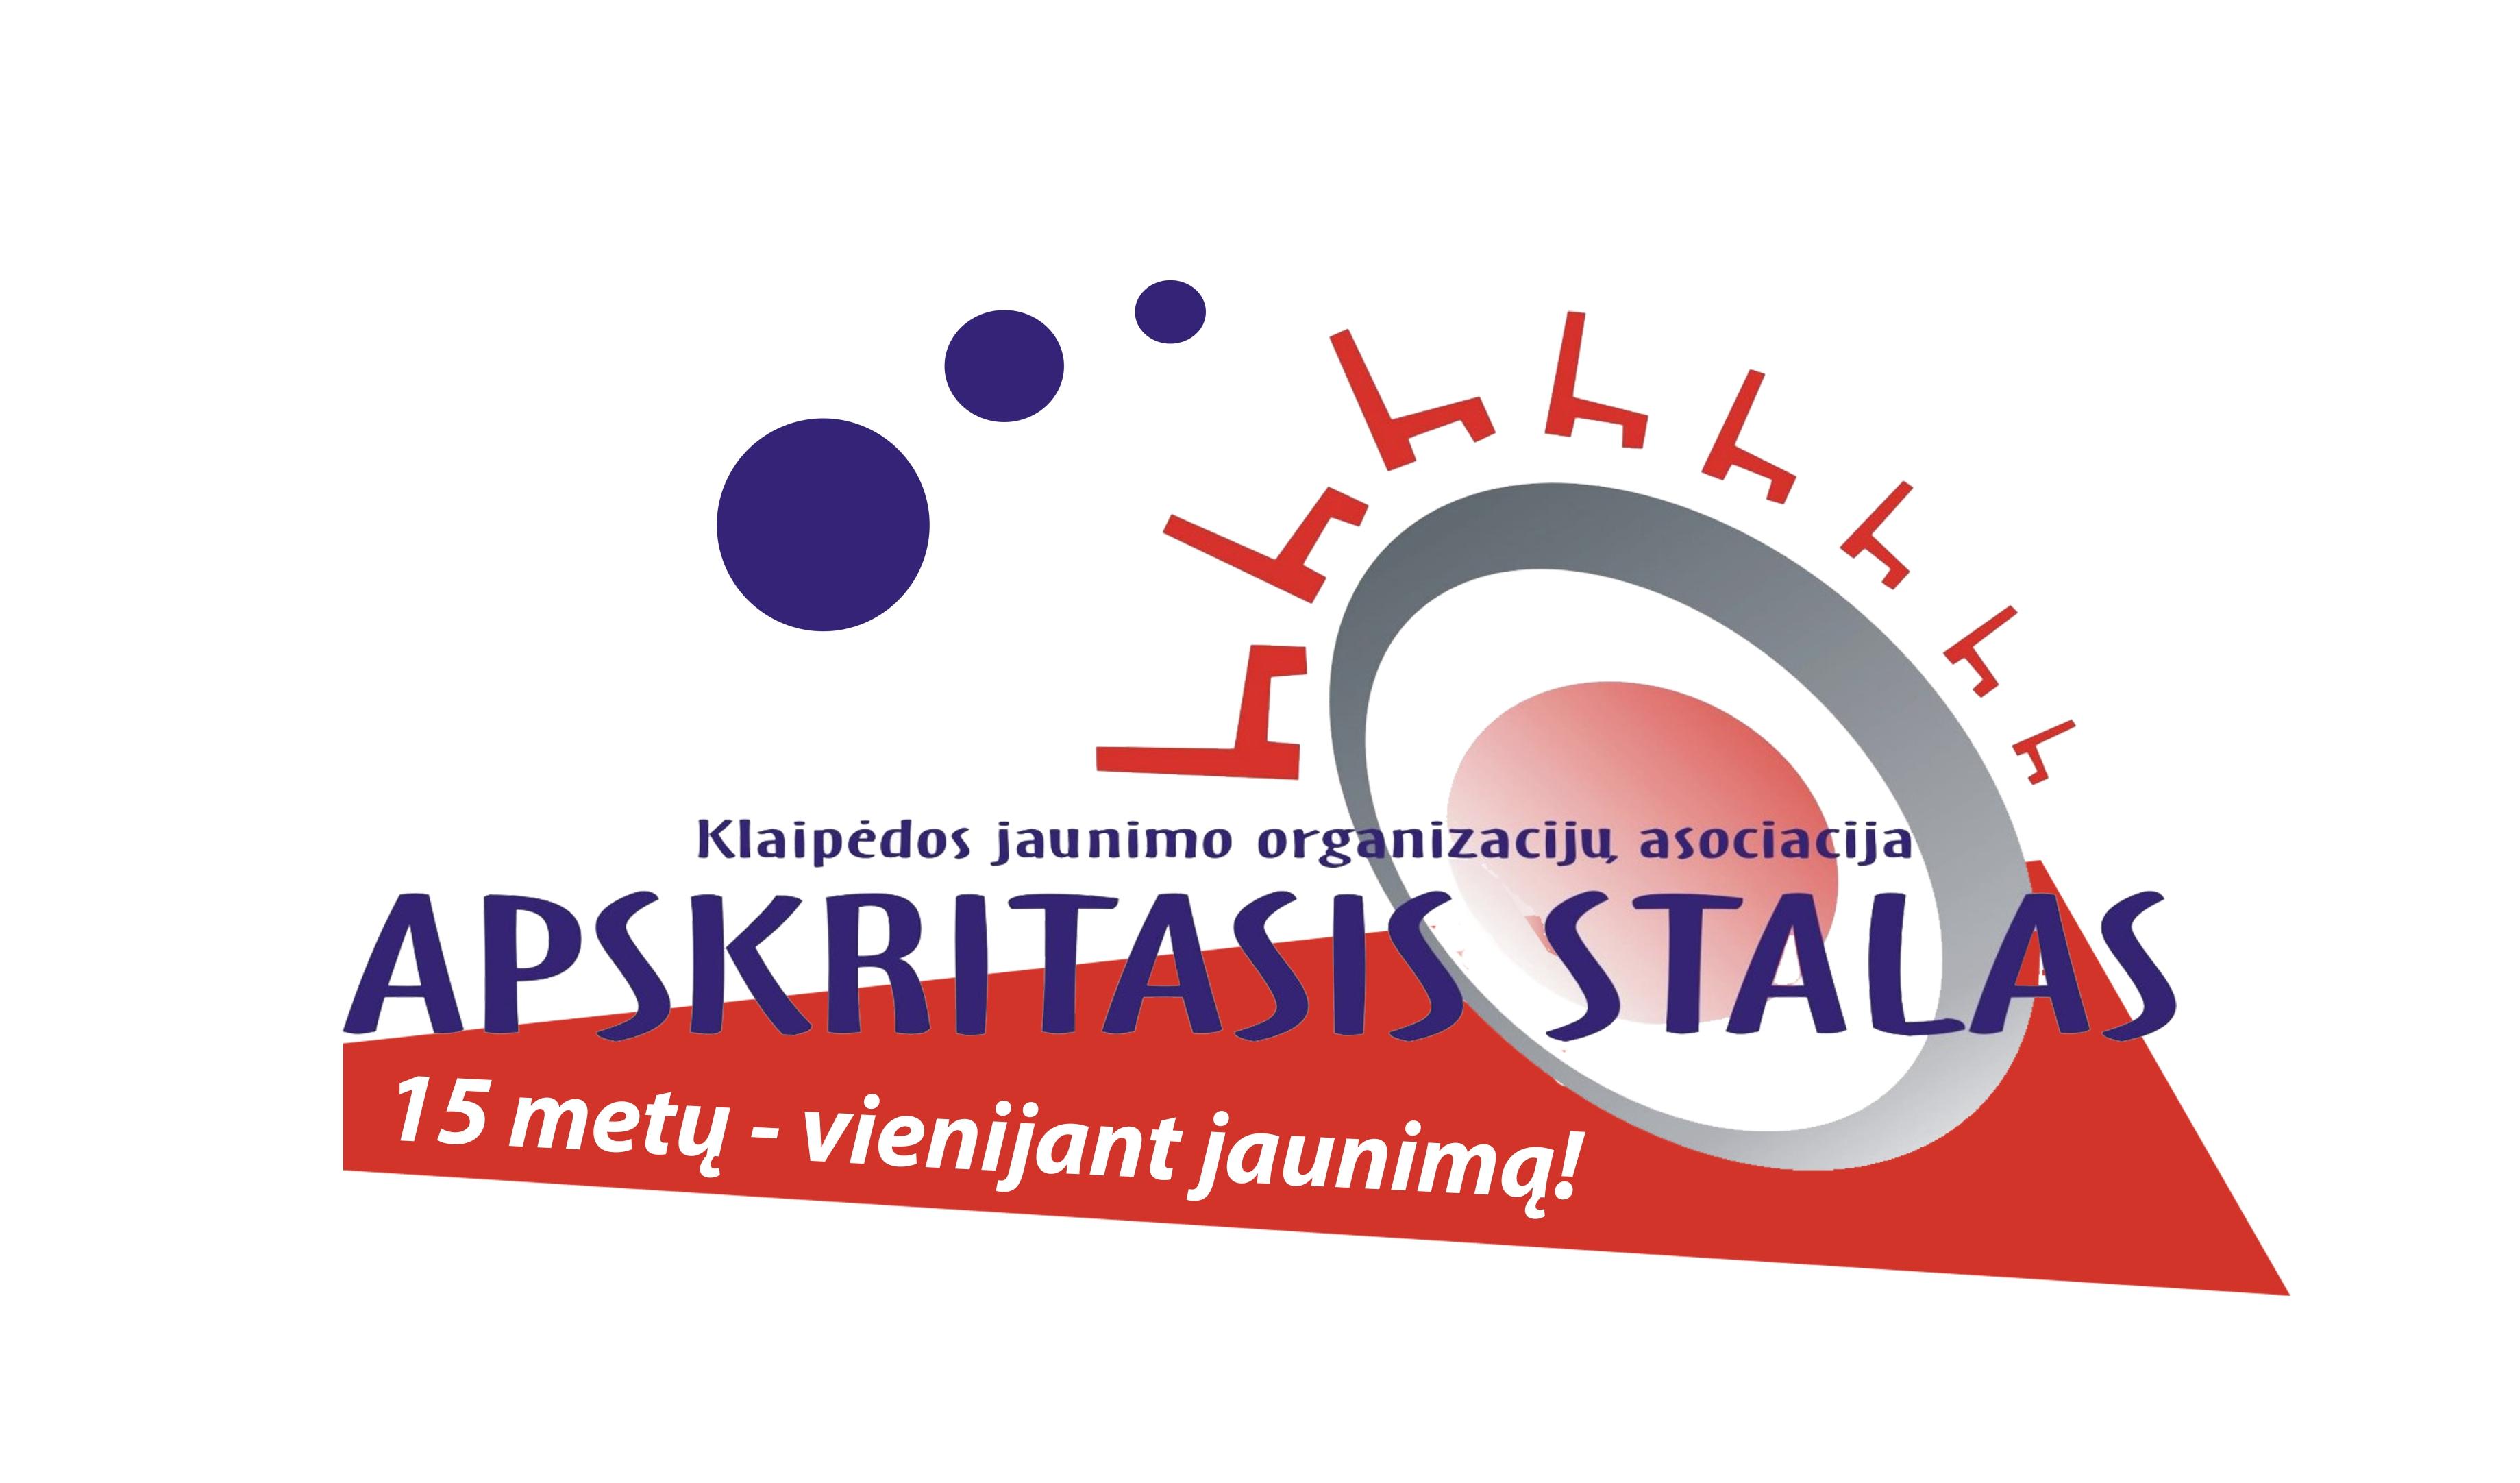 """Klaipėdos jaunimo organizacijų asociacija """"Apskritasis stalas"""""""